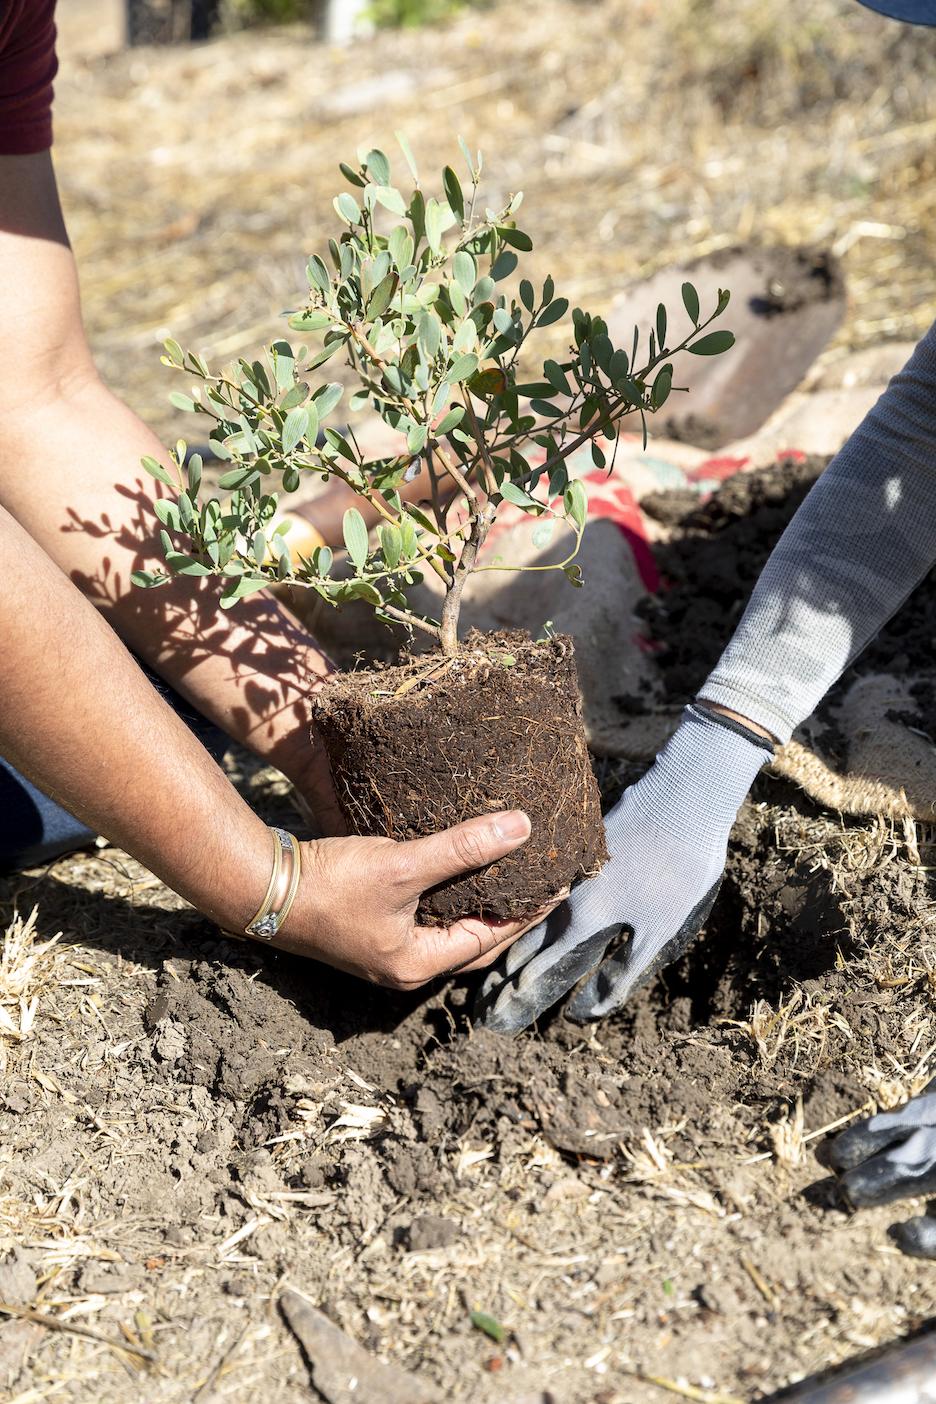 Become a GreenFriends Farm Volunteer!